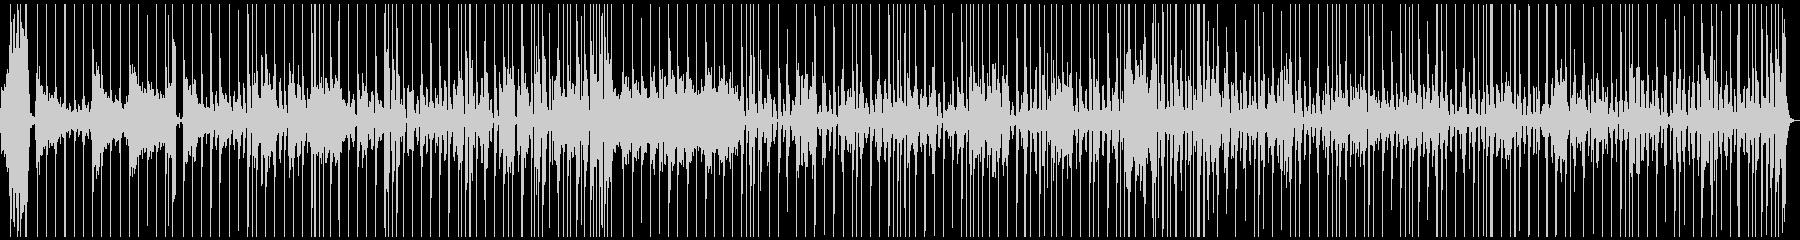 サラサラ ジャズ フュージョン R...の未再生の波形